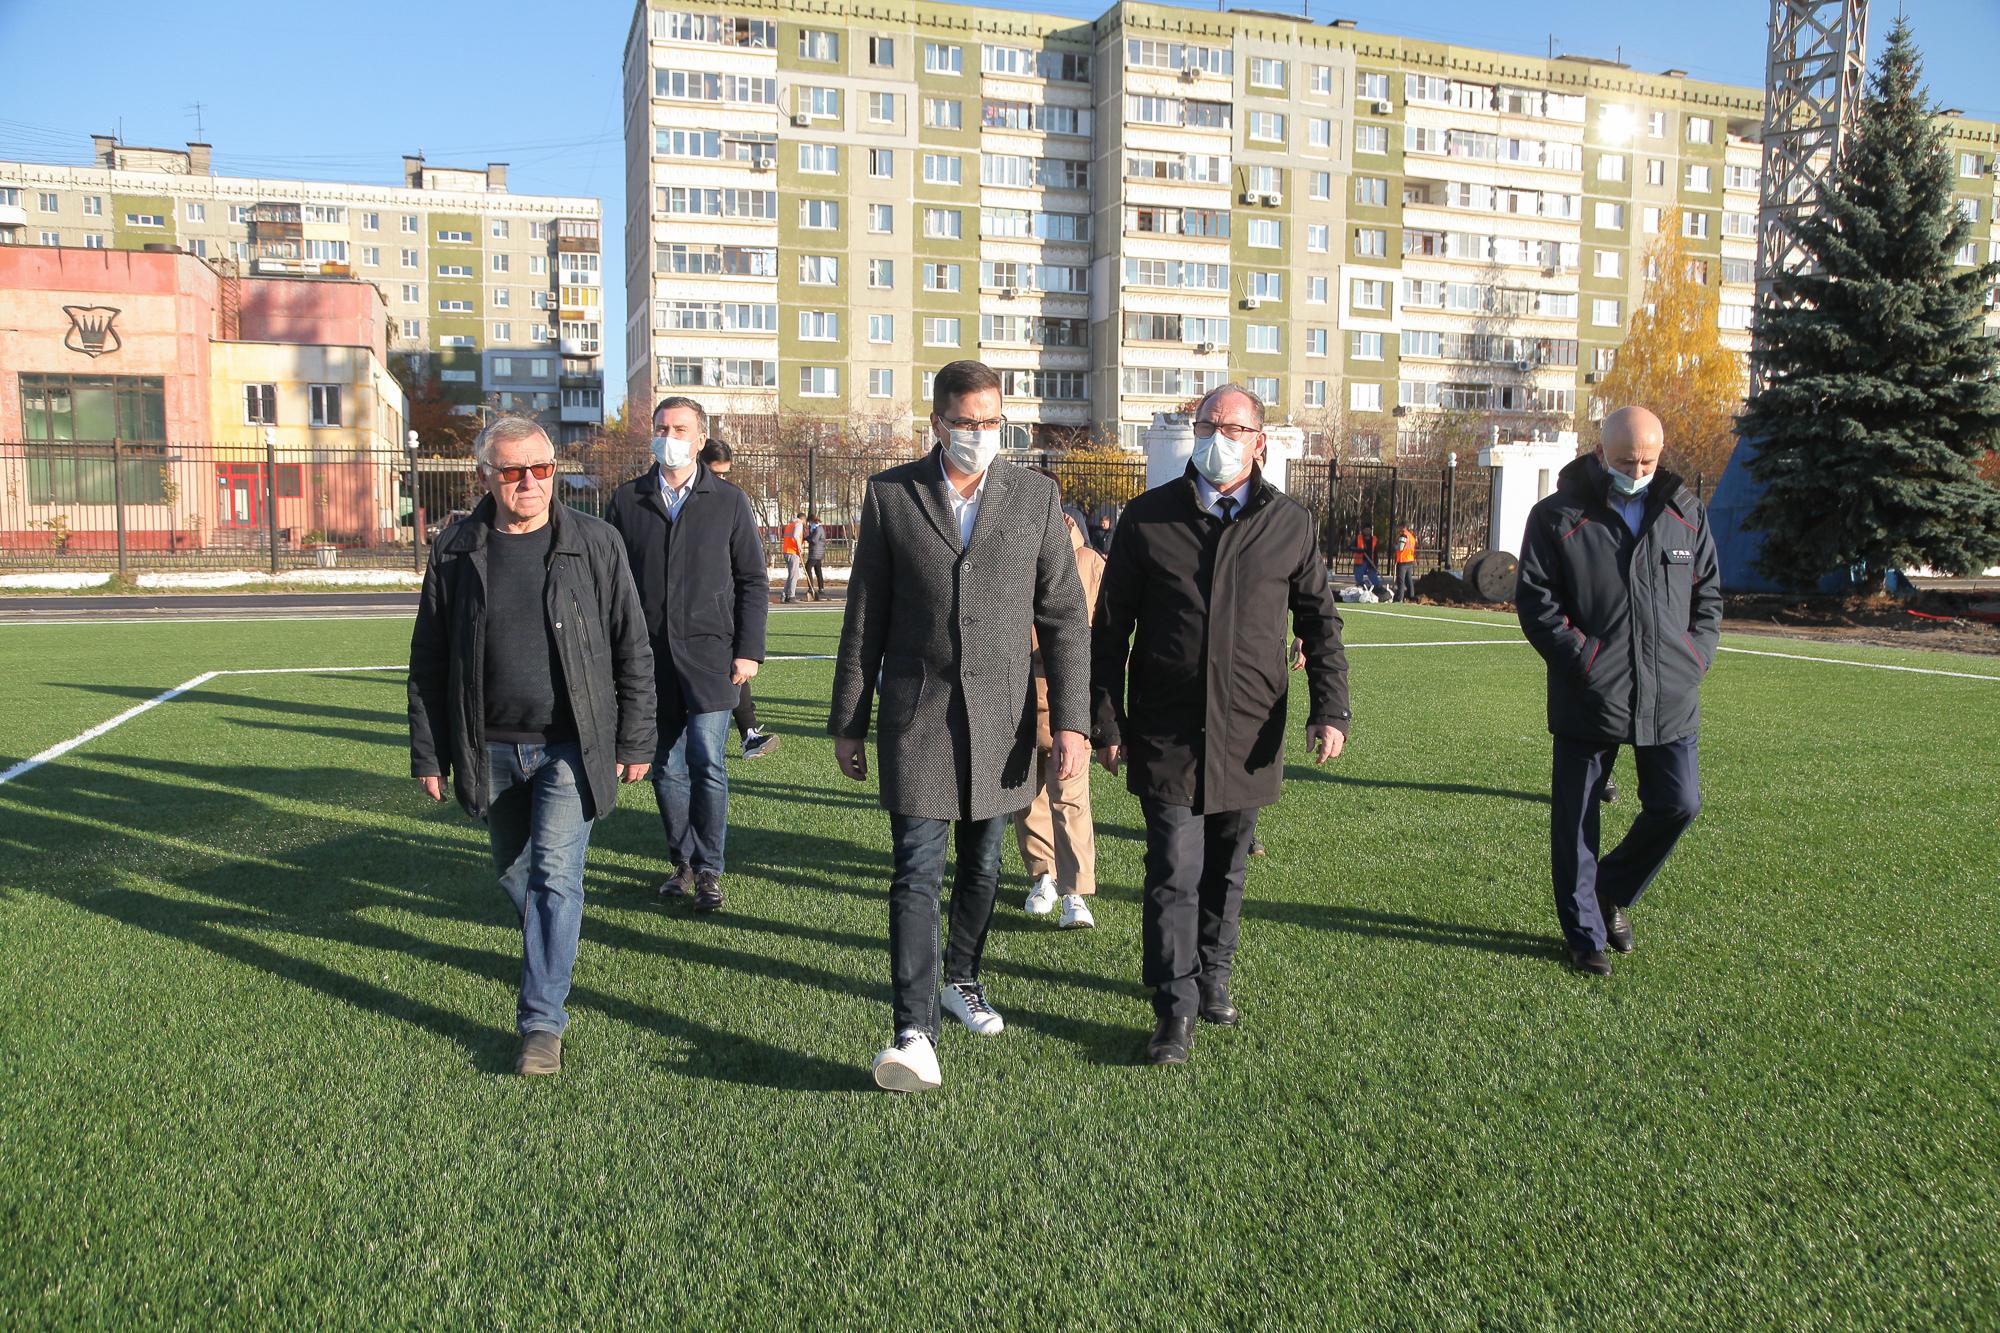 Реконструкция спорткомплекса «Чайка» завершается в Нижнем Новгороде - фото 1